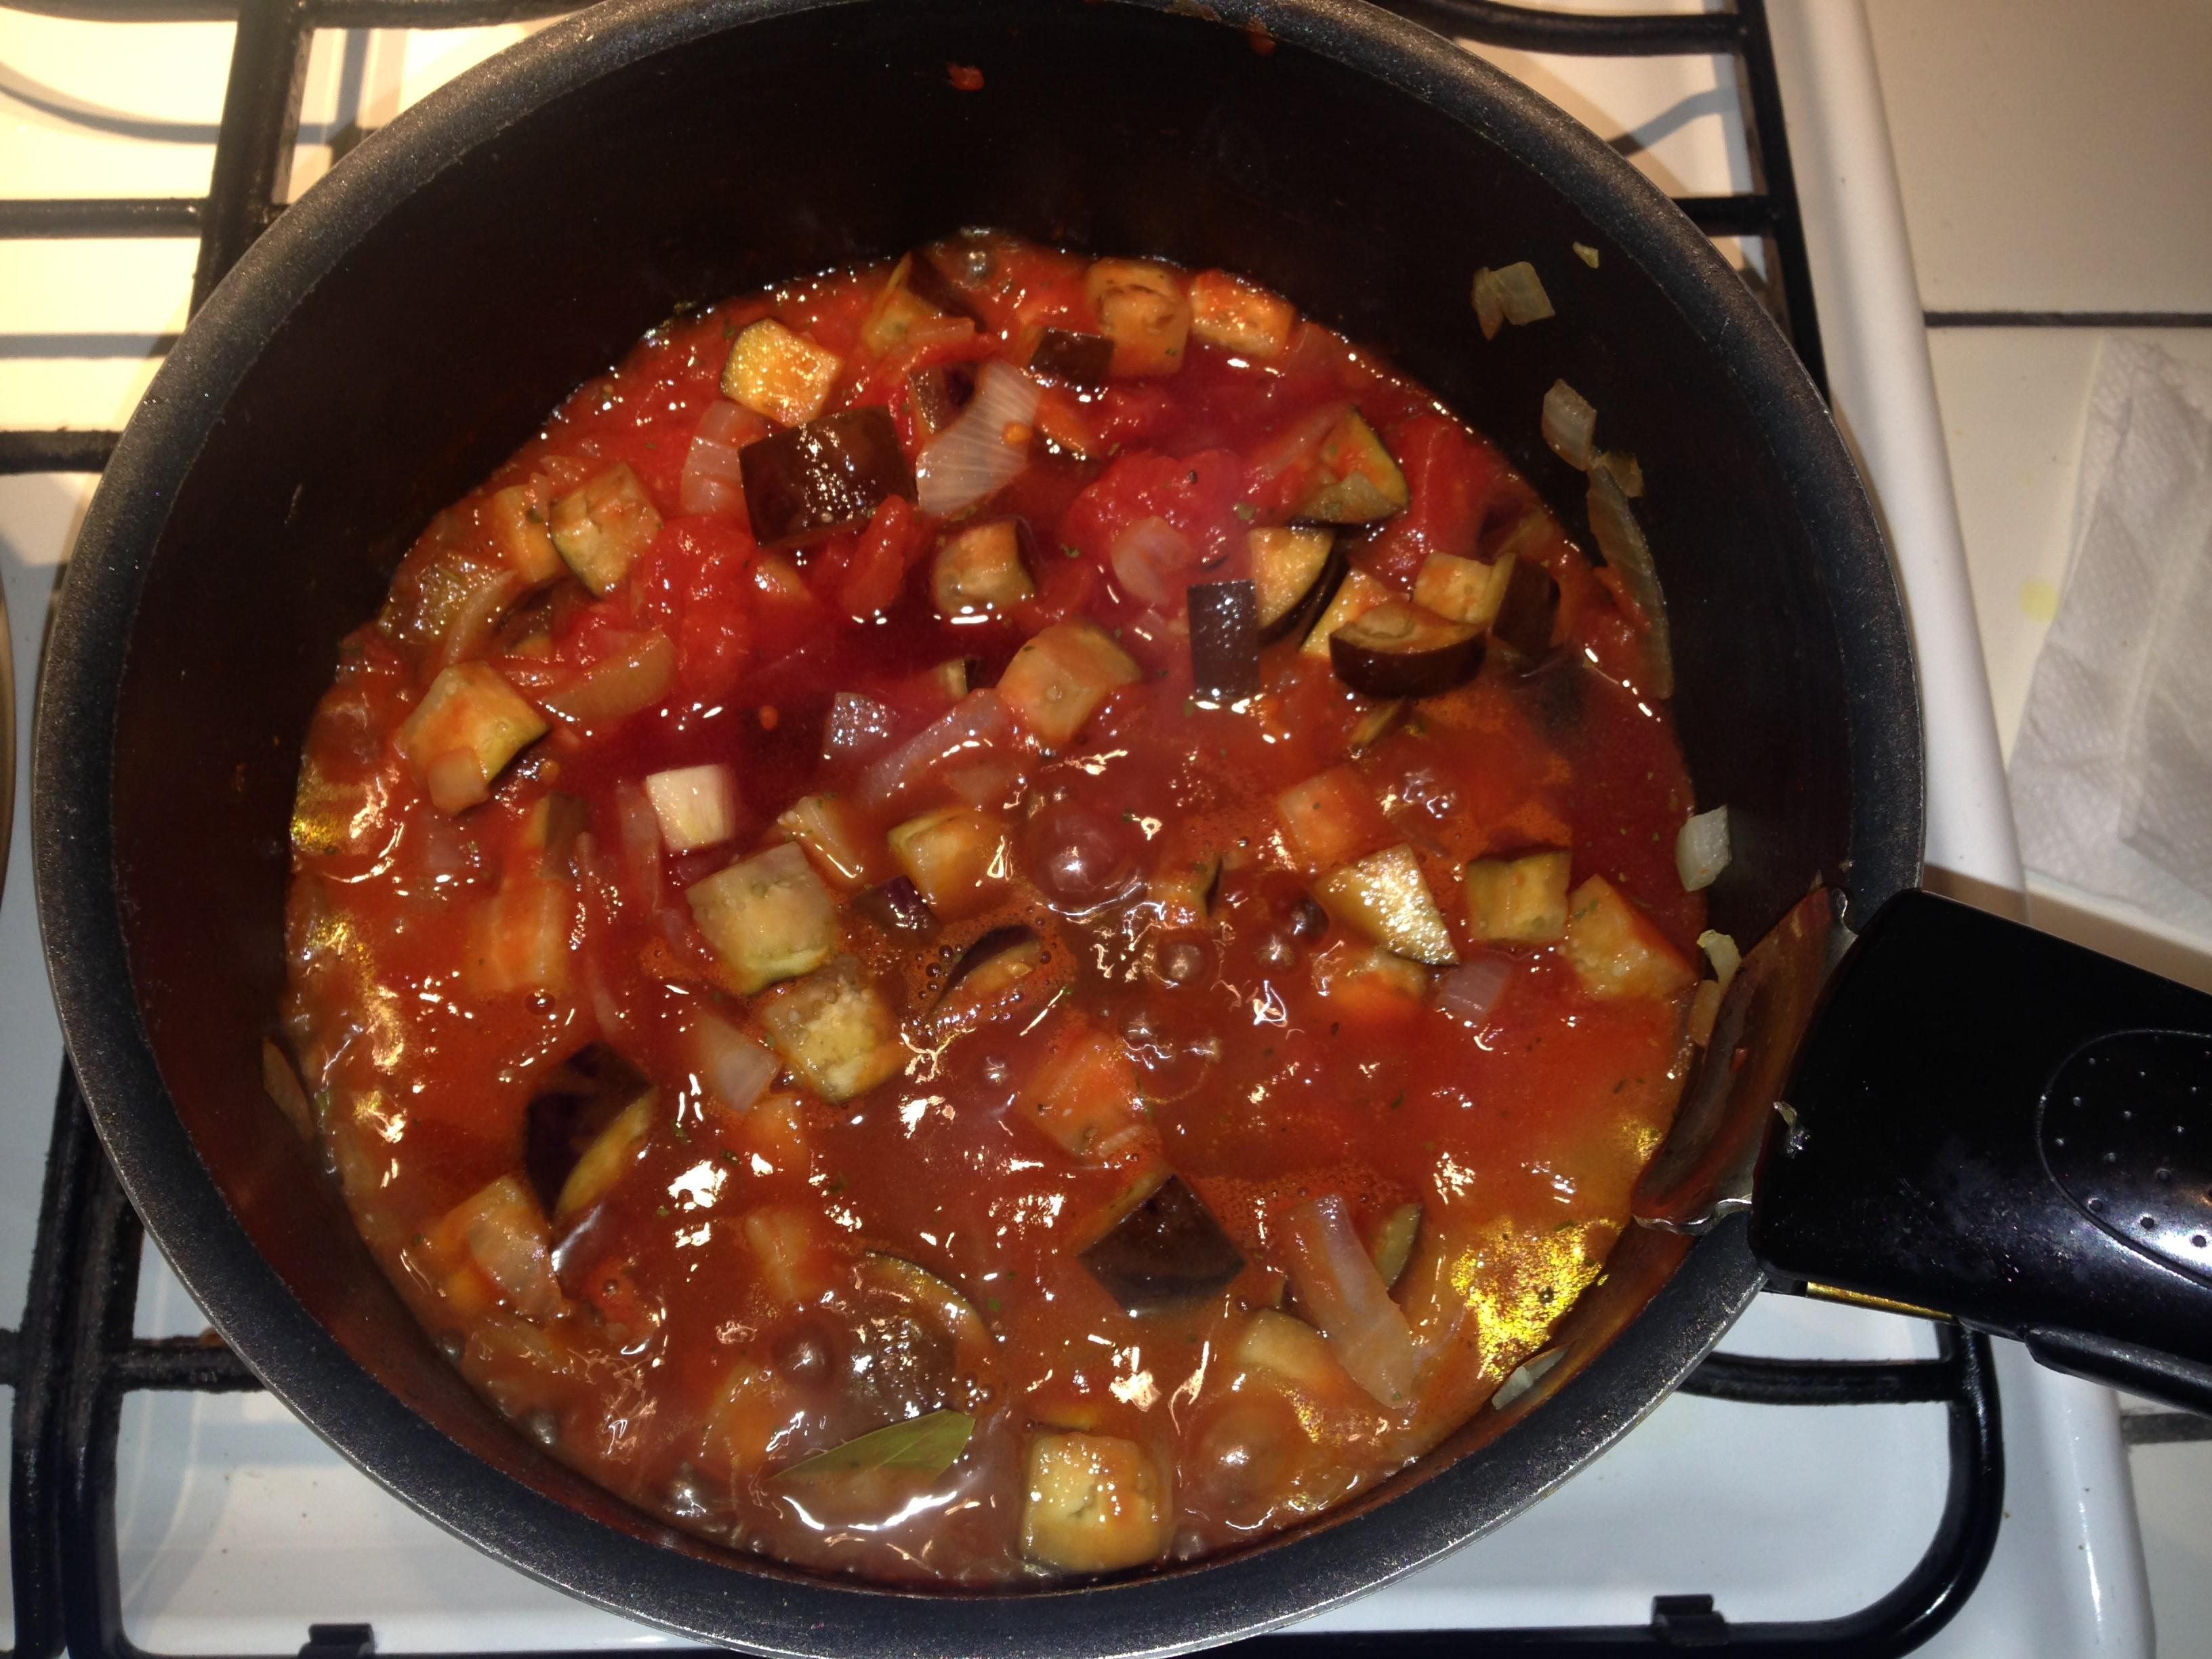 男の簡単料理 5皿目「トマトソース」